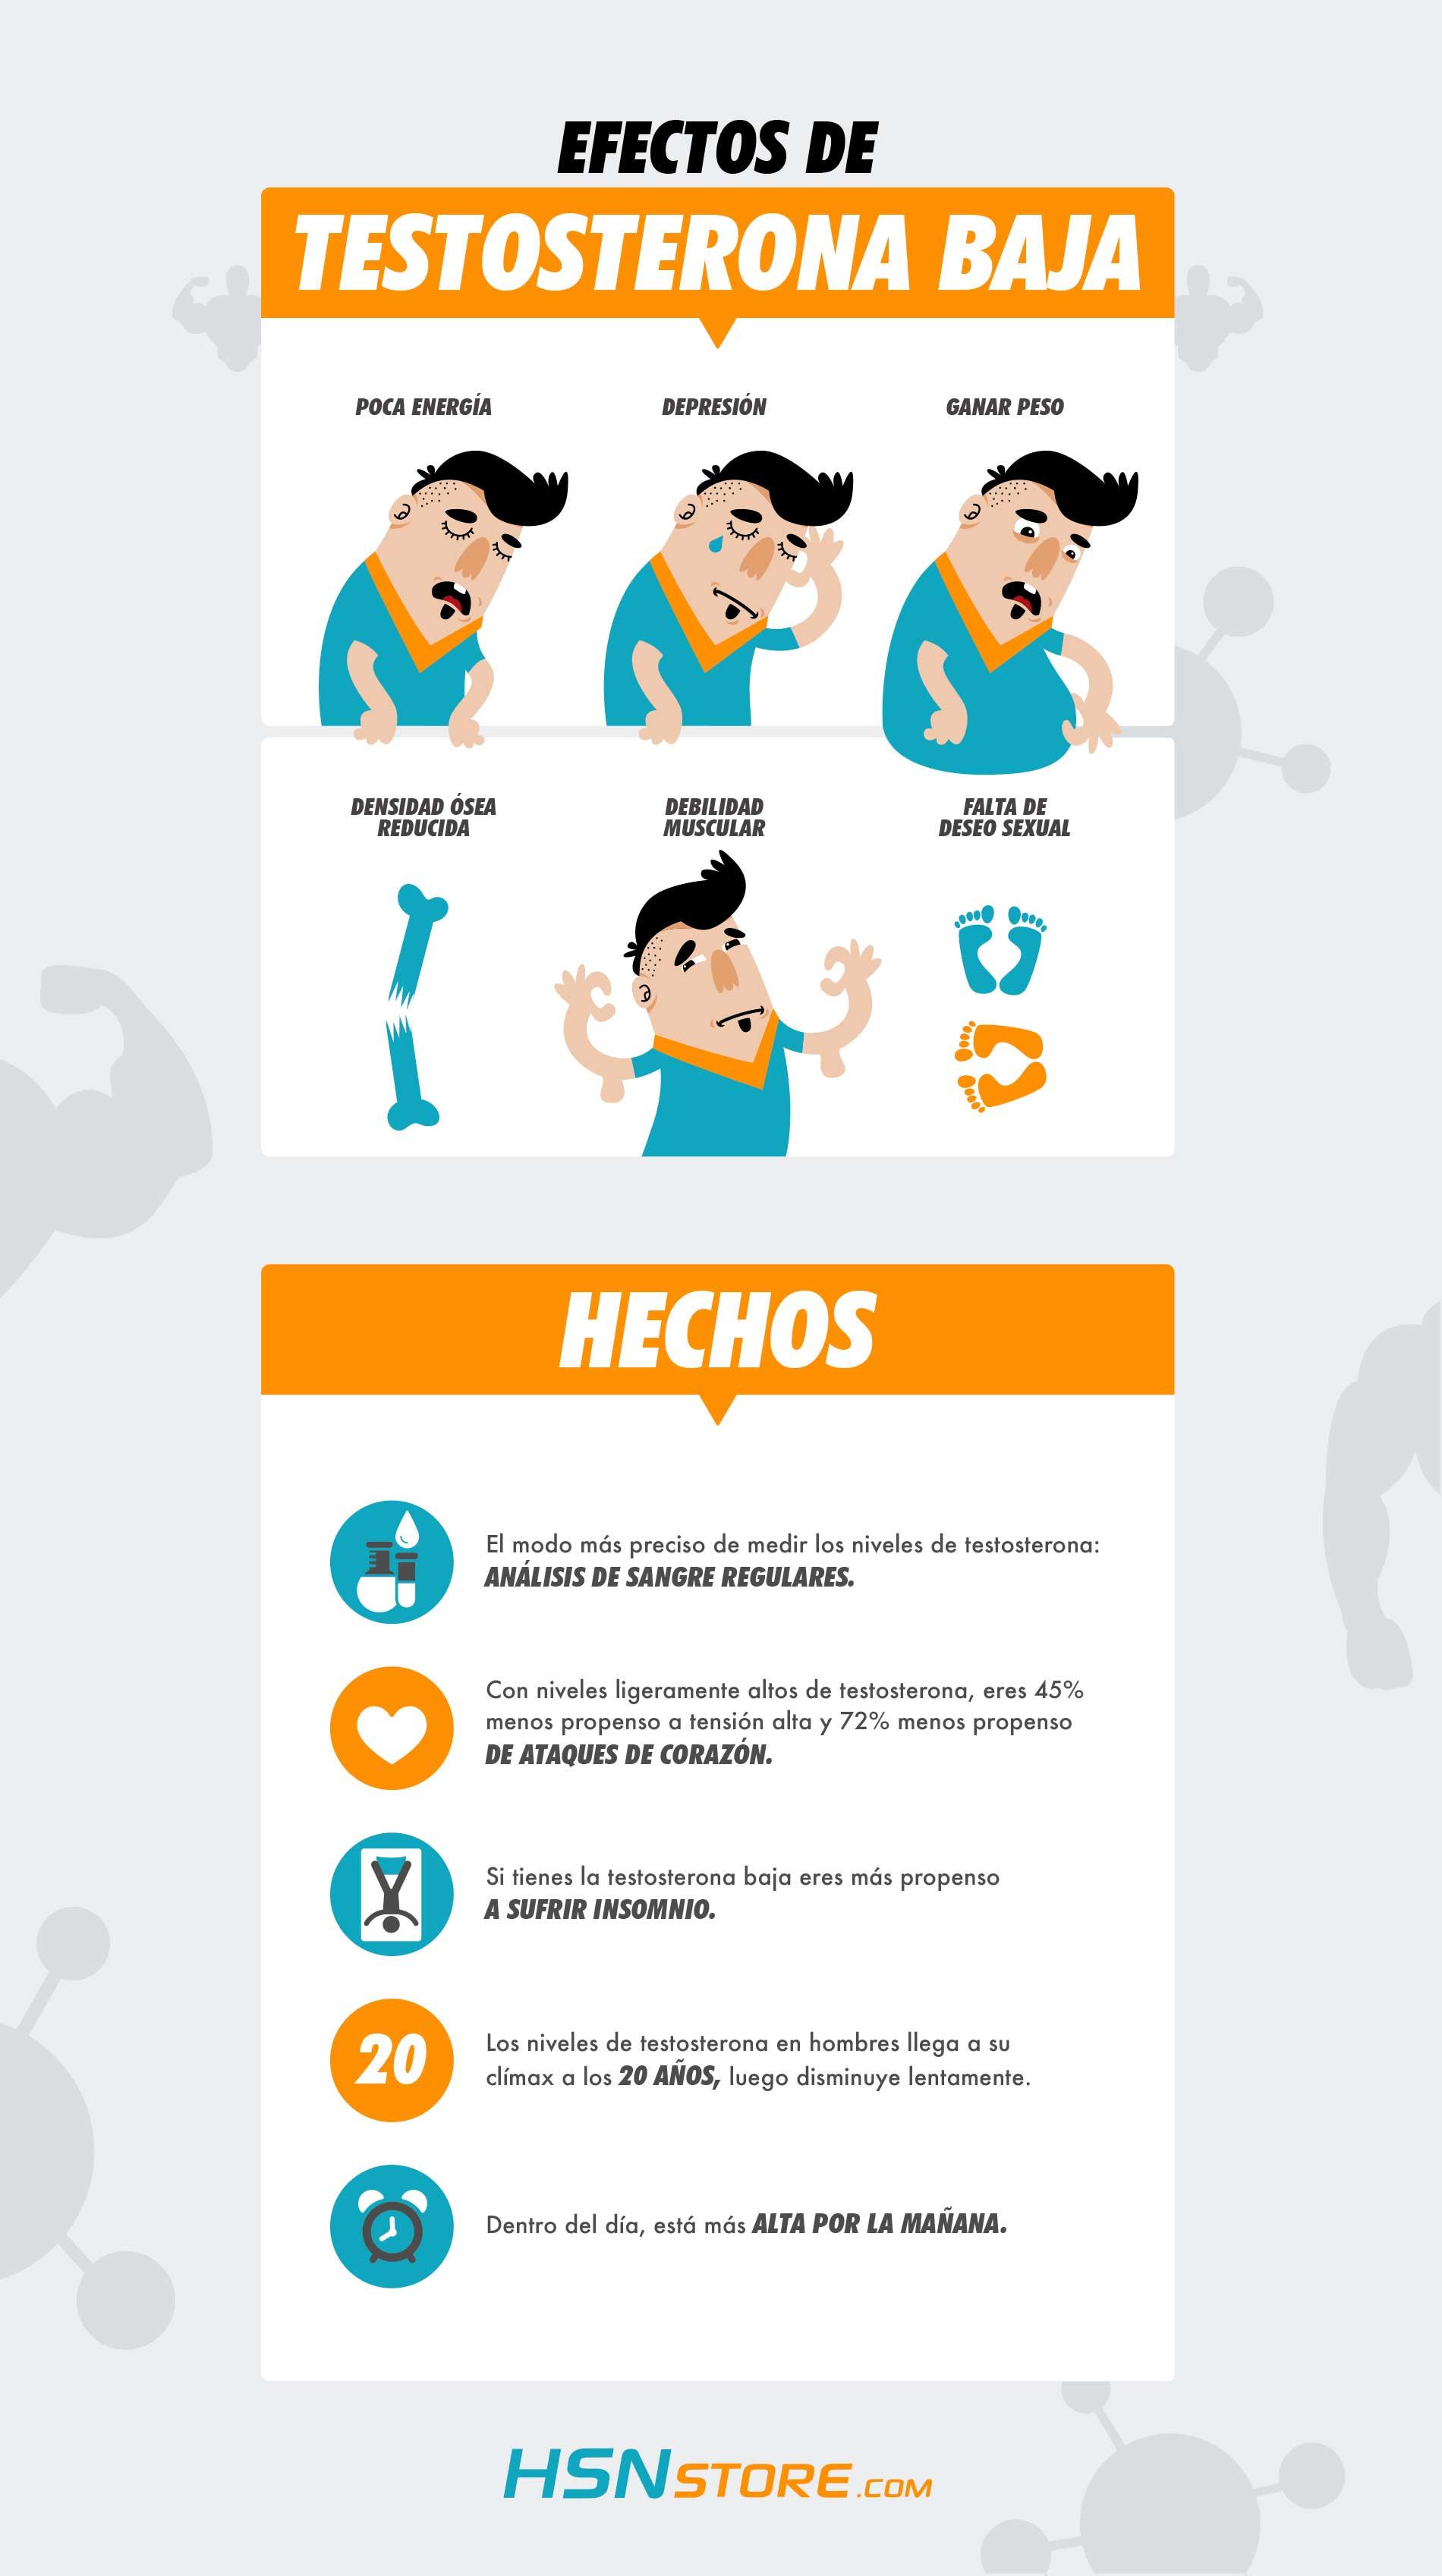 Efectos Testosterona Baja